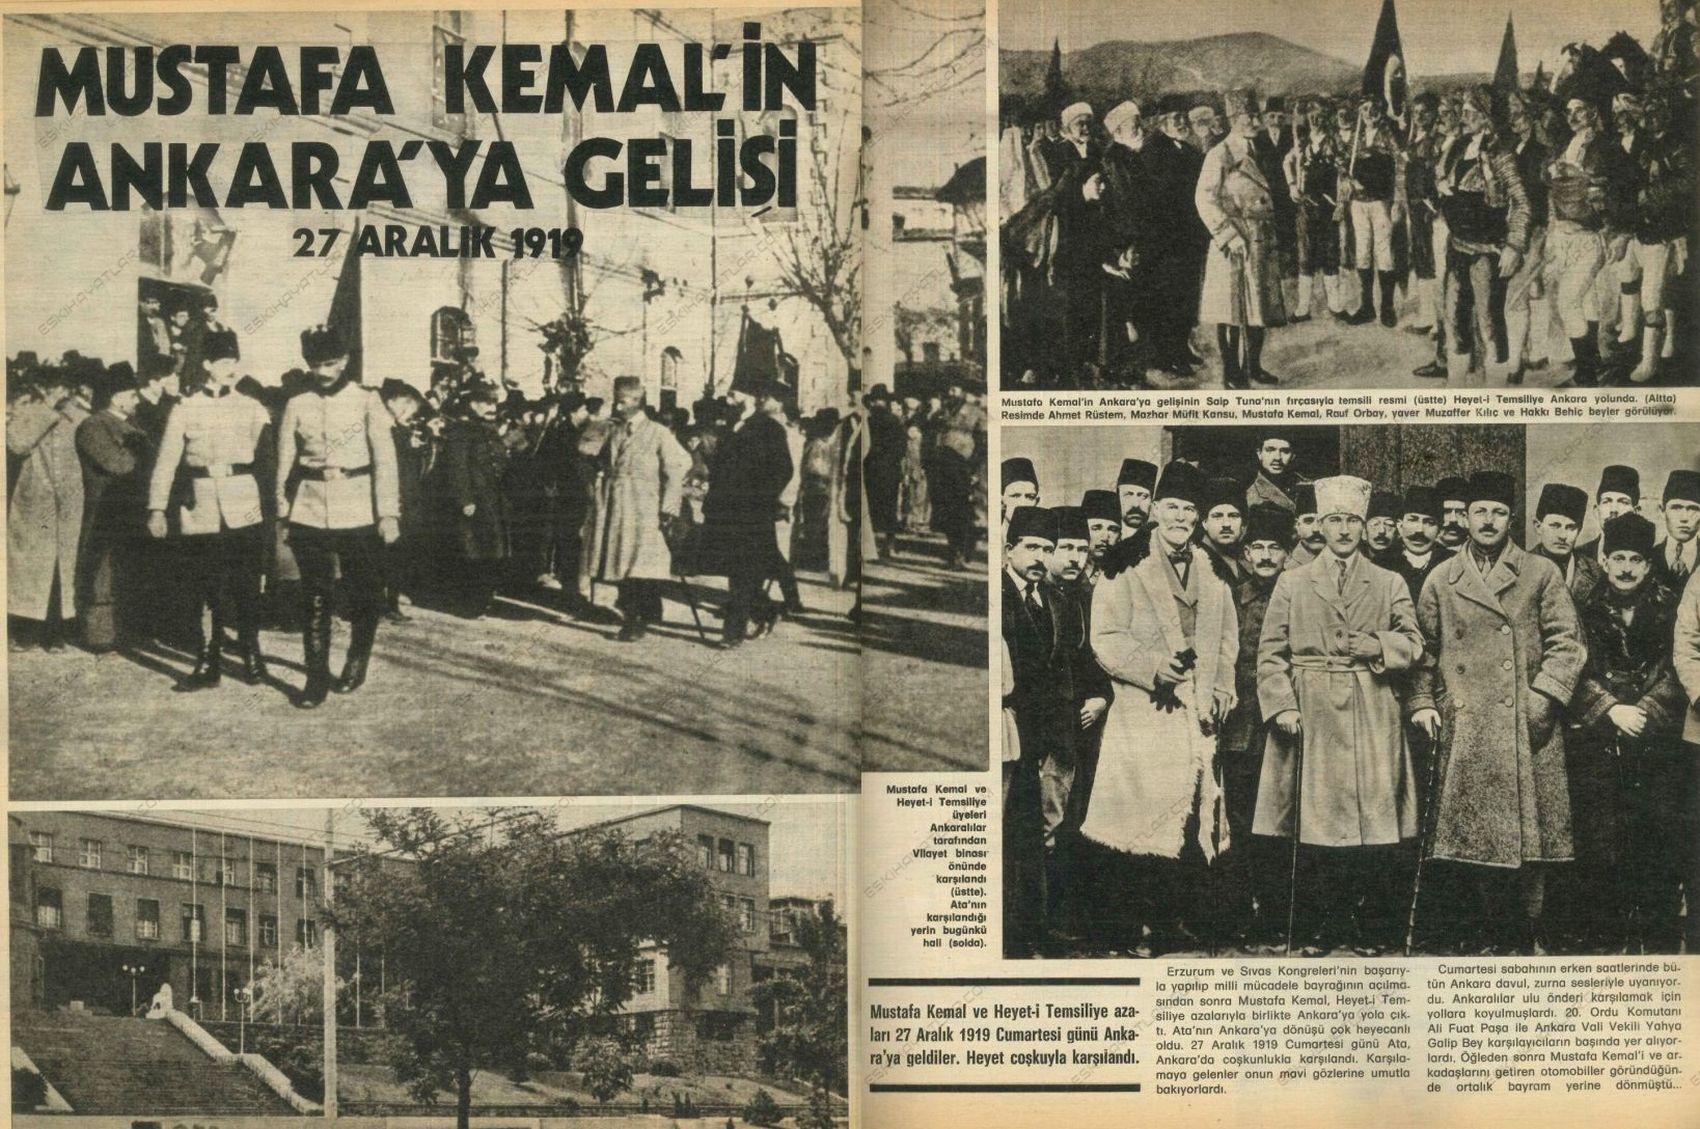 0650-mustafa-kemal-ataturk-istiklal-savasi-fotograflari-cumhuriyet-ilani-buyuk-taarruz-1983-hayat-dergisi-ozel-ekleri (12)